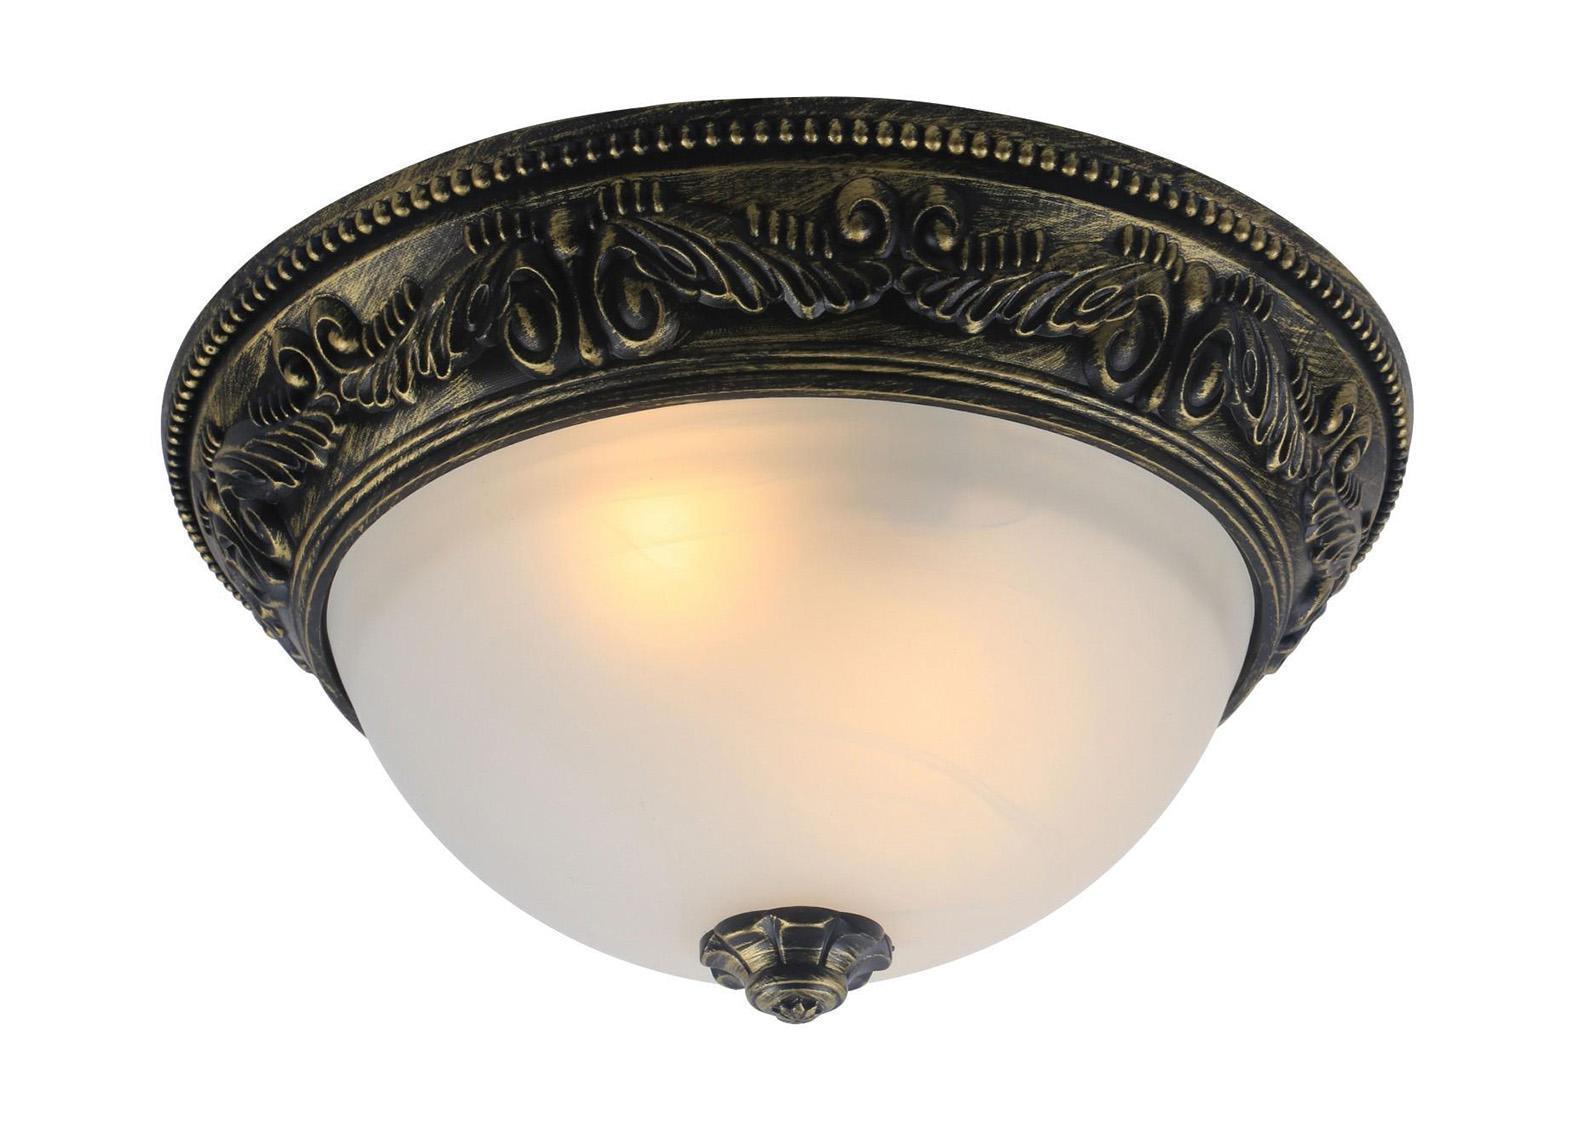 A8010PL-2AB PIATTI Потолочный светильник pl ip8 tsled 1 2 gn